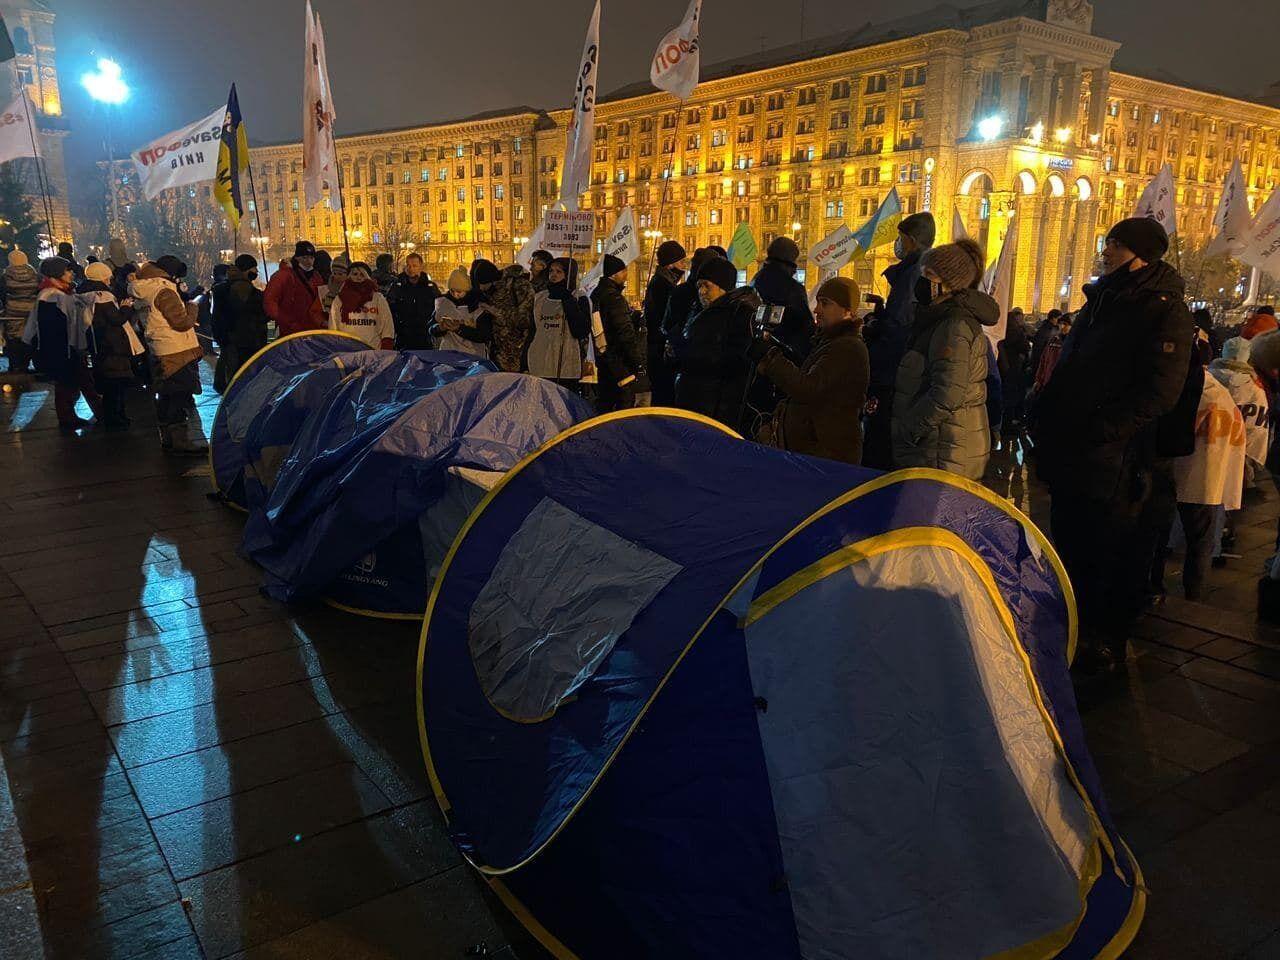 Протестующие установили новые палатки.